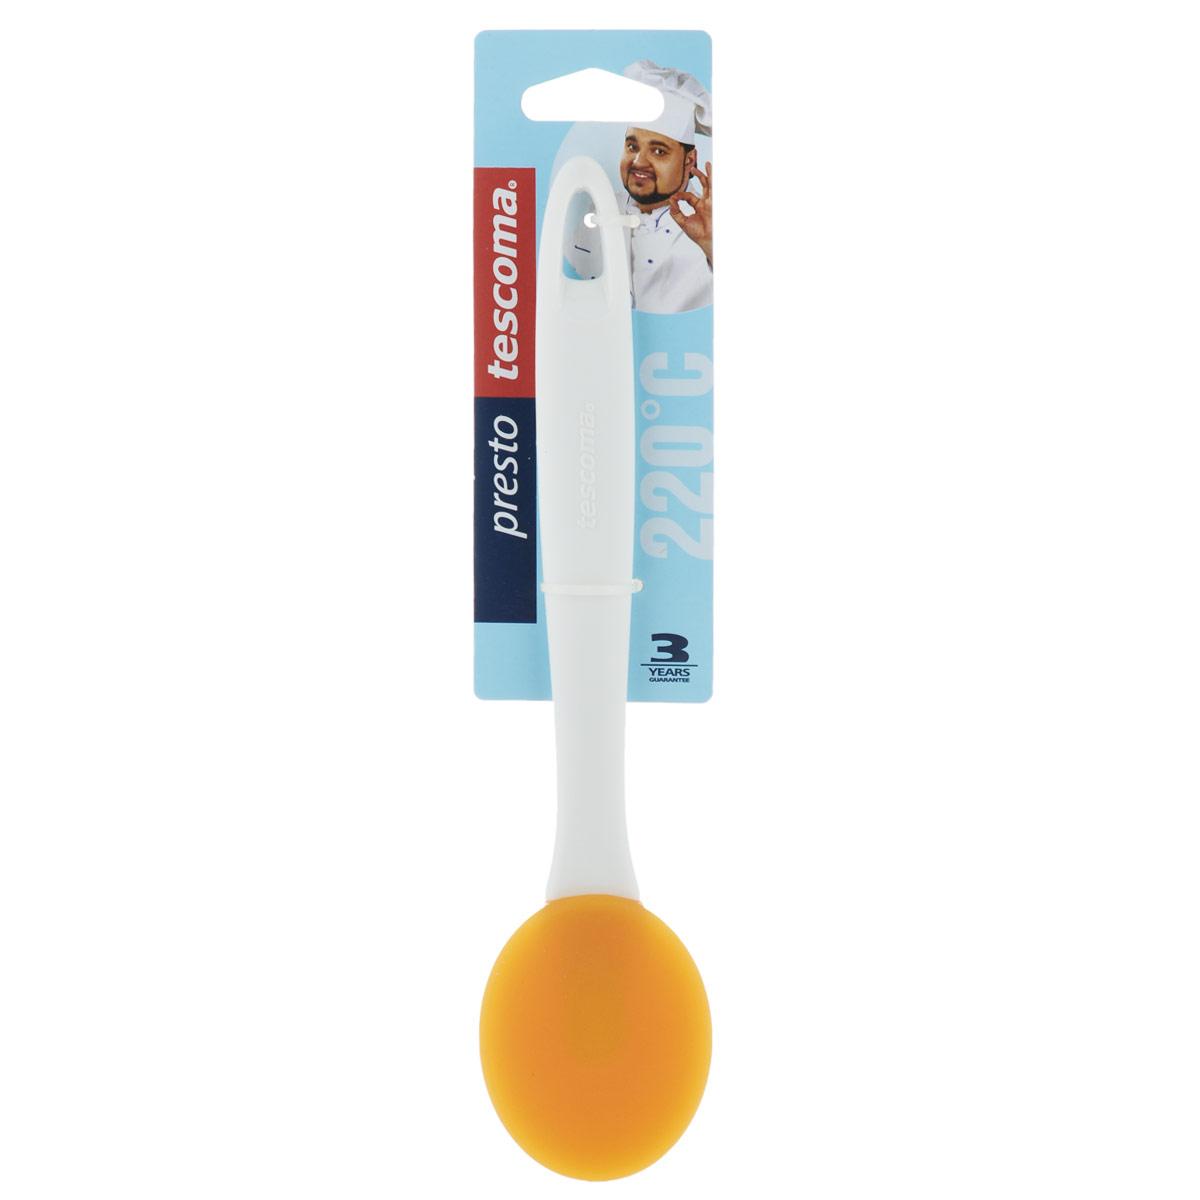 Ложка кулинарная Tescoma Presto, силиконовая, цвет: оранжевый420508Ложка Tescoma Presto изготовлена из силикона, обладающего большой термостойкостью. Ручка выполнена из прочной пластмассы. Такую ложку очень удобно держать в руке. Изделие пригодно для всех видов посуды, а также замечательно подходит для посуды с антипригарным покрытием. Ложка Tescoma Presto станет вашим незаменимым помощником на кухне, а также это практичный и необходимый подарок любой хозяйке! Можно мыть в посудомоечной машине. Размер рабочей поверхности: 6,5 см х 5,5 см. Общая длина ложки: 23,5 см.